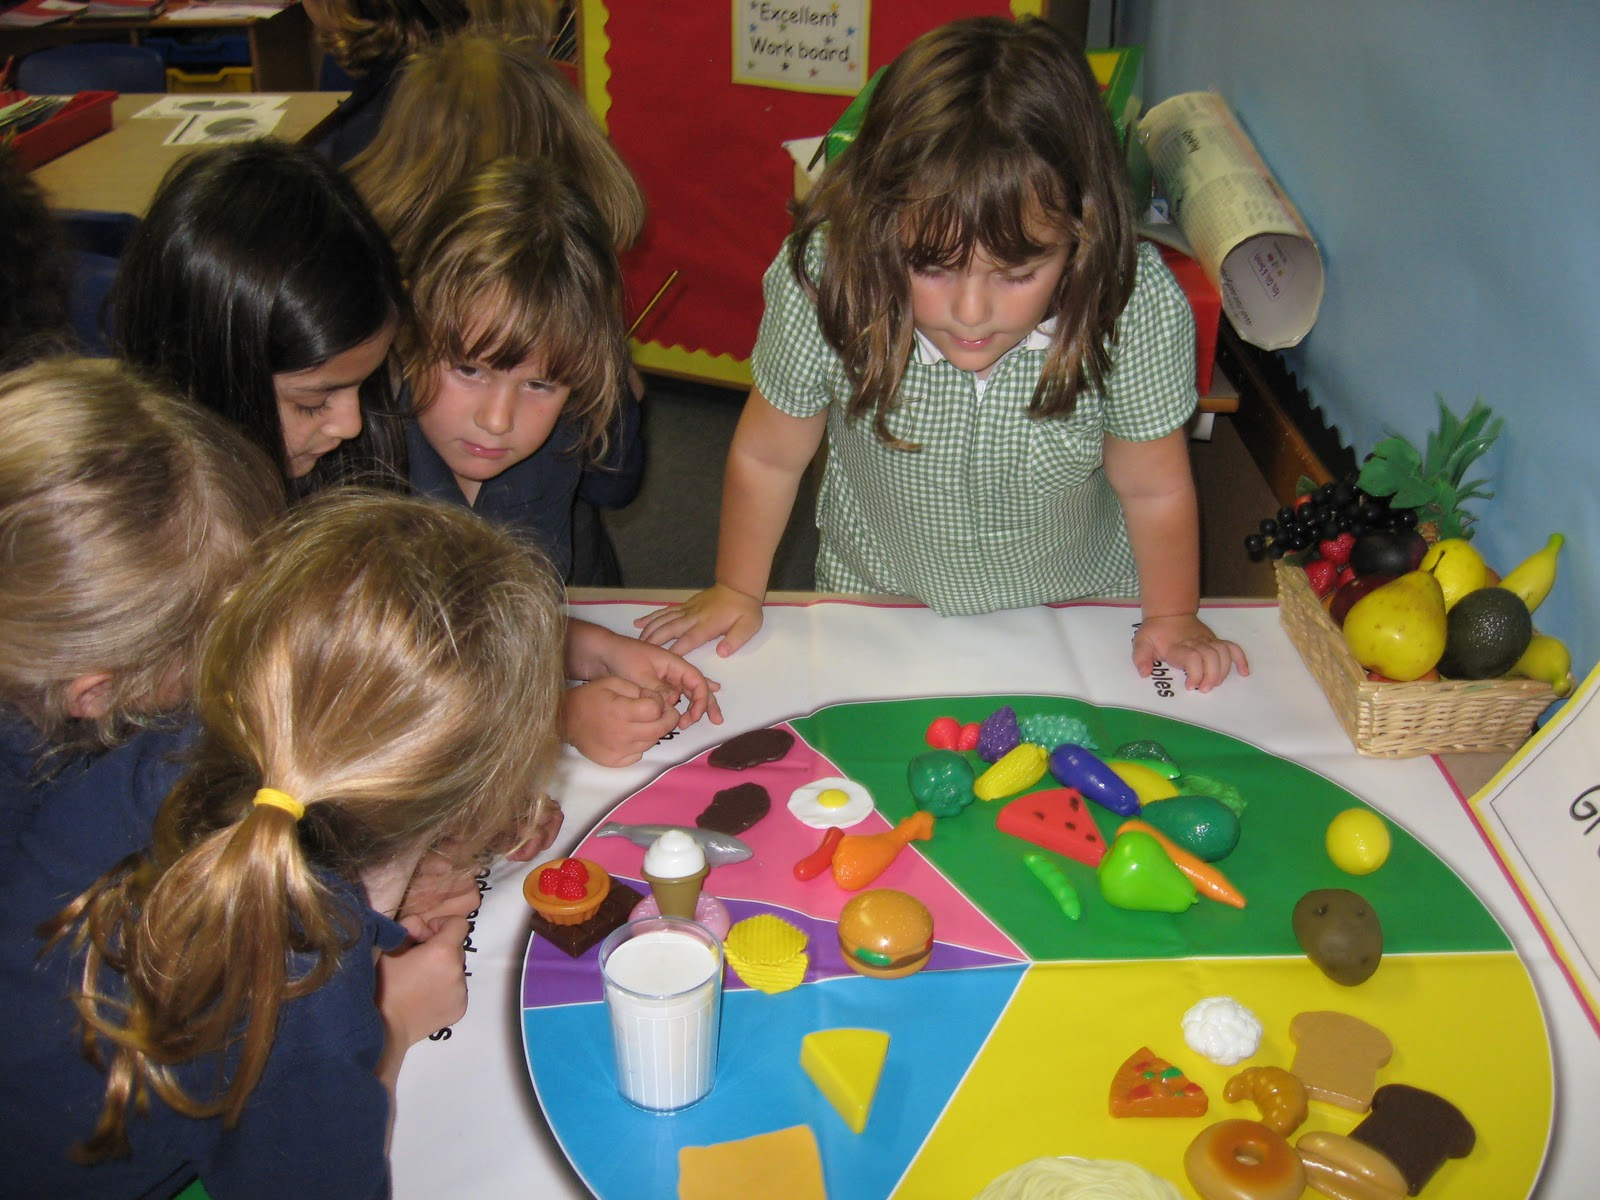 math worksheet : ks1 maths worksheets bbc  educational math activities : Bbc Maths Worksheets